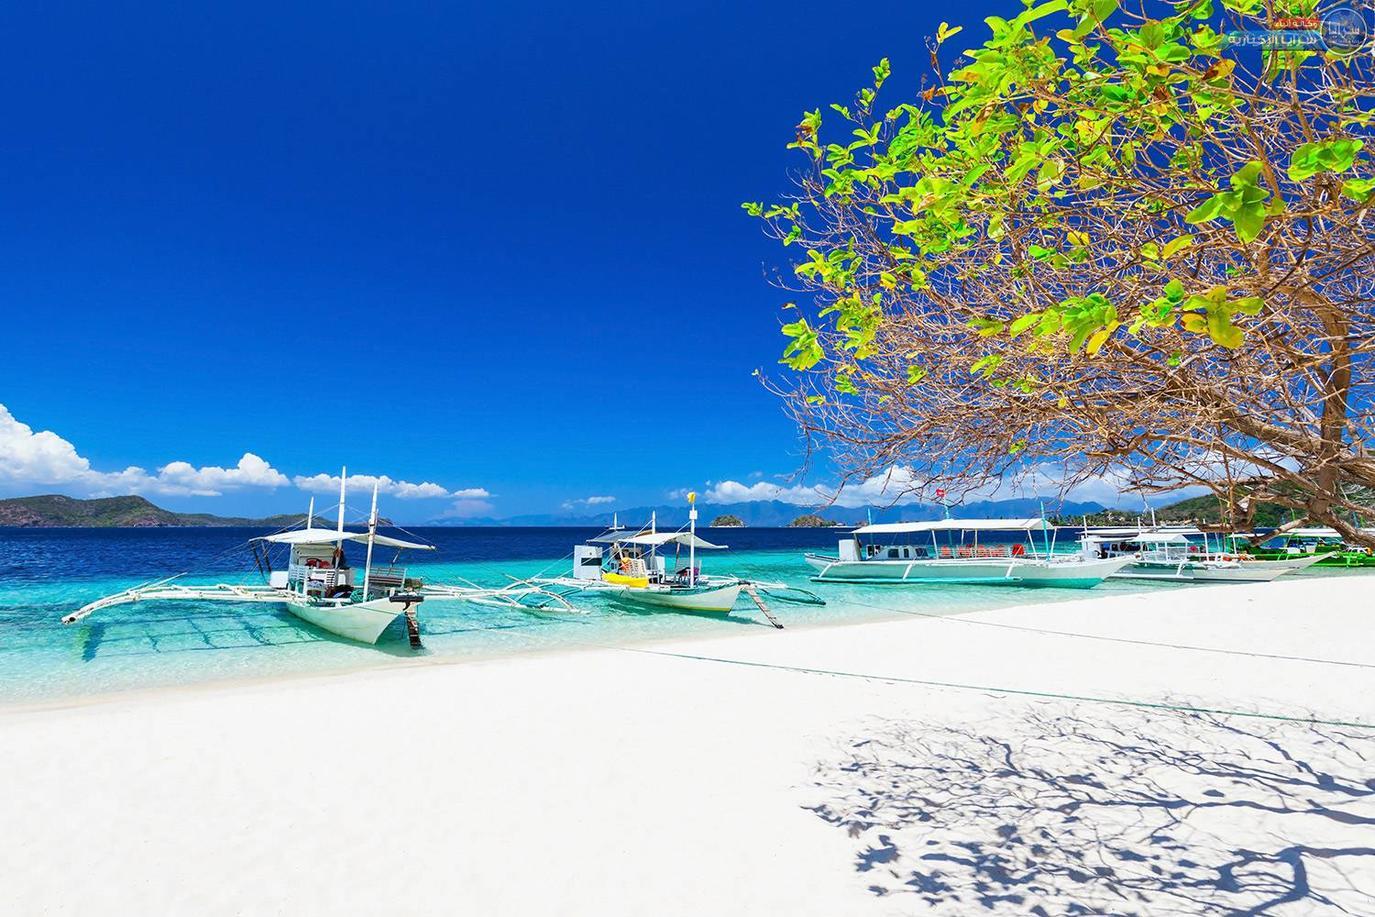 الفلبين وجهة مثالية لقضاء شهر عسل مميز في شهر اكتوبر